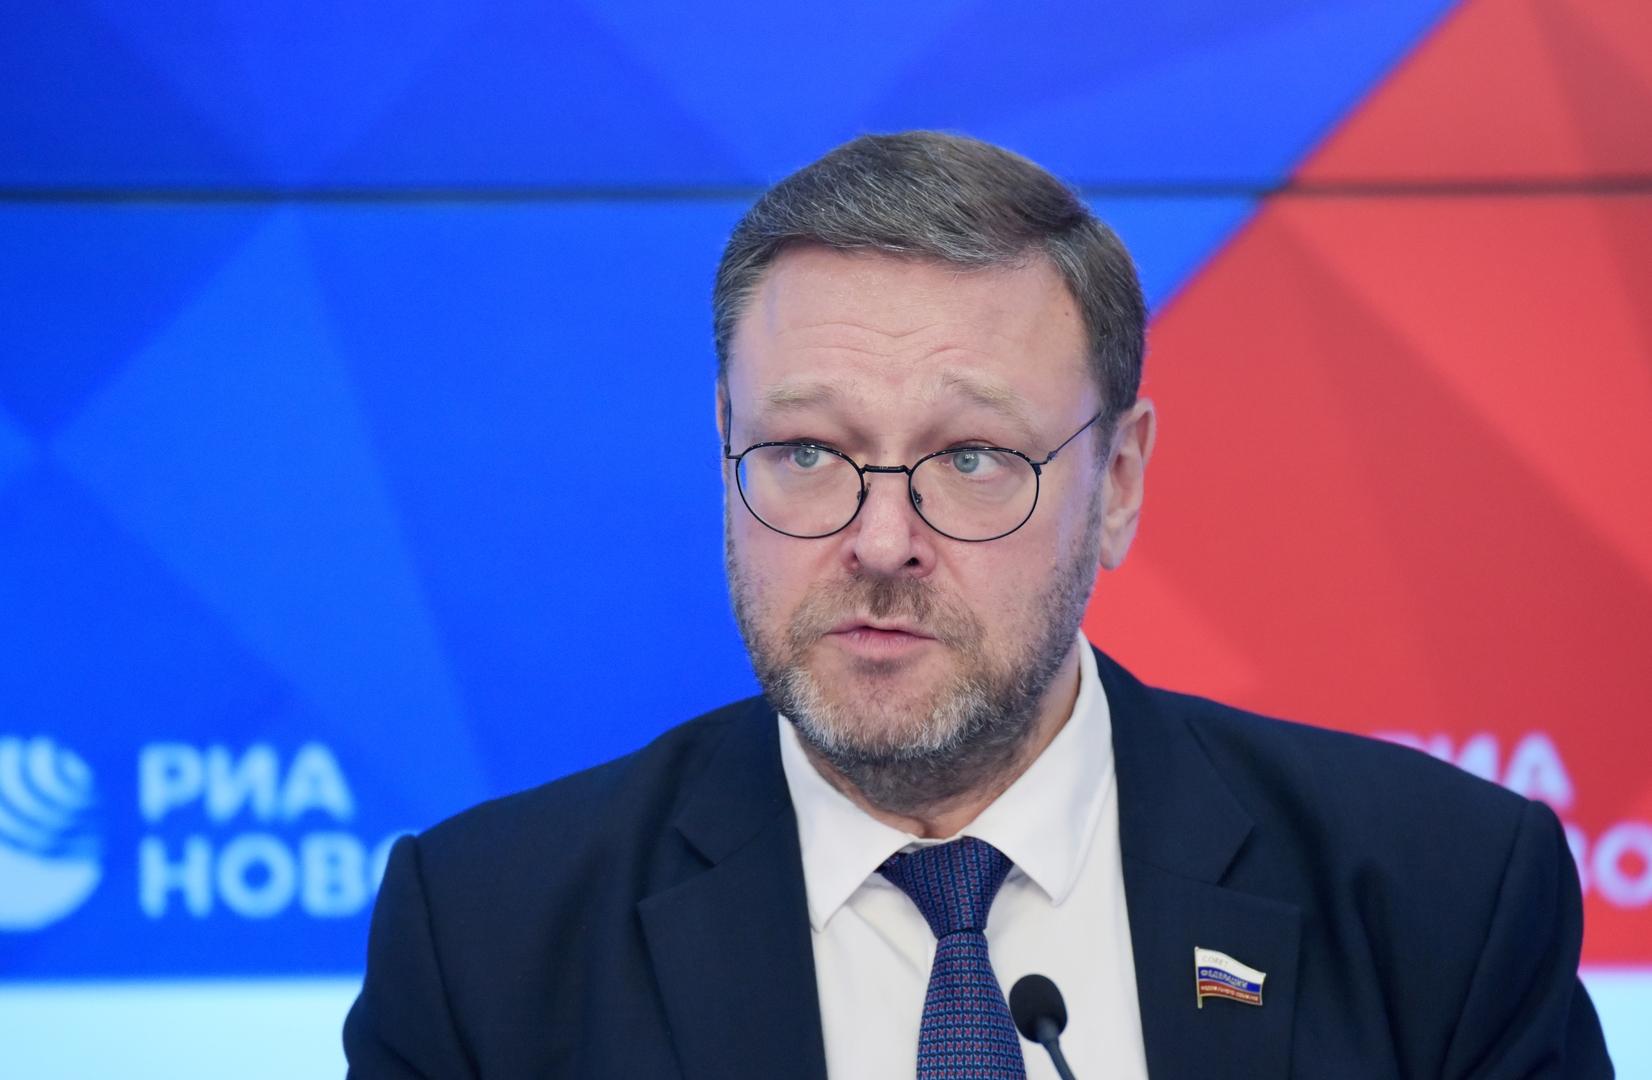 رئيس لجنة الشؤون الدولية في مجلس الاتحاد الروسي، قسطنطين كوساتشوف